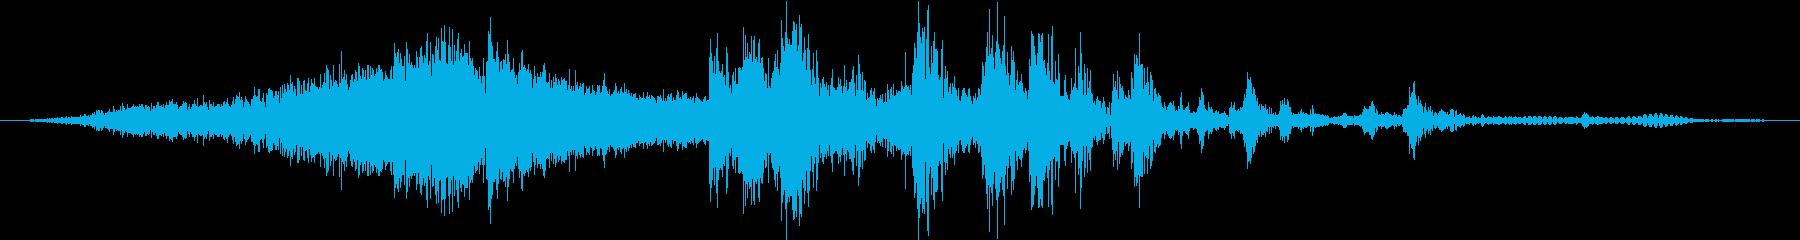 マッスルカー:パスバイ、スキッド、...の再生済みの波形